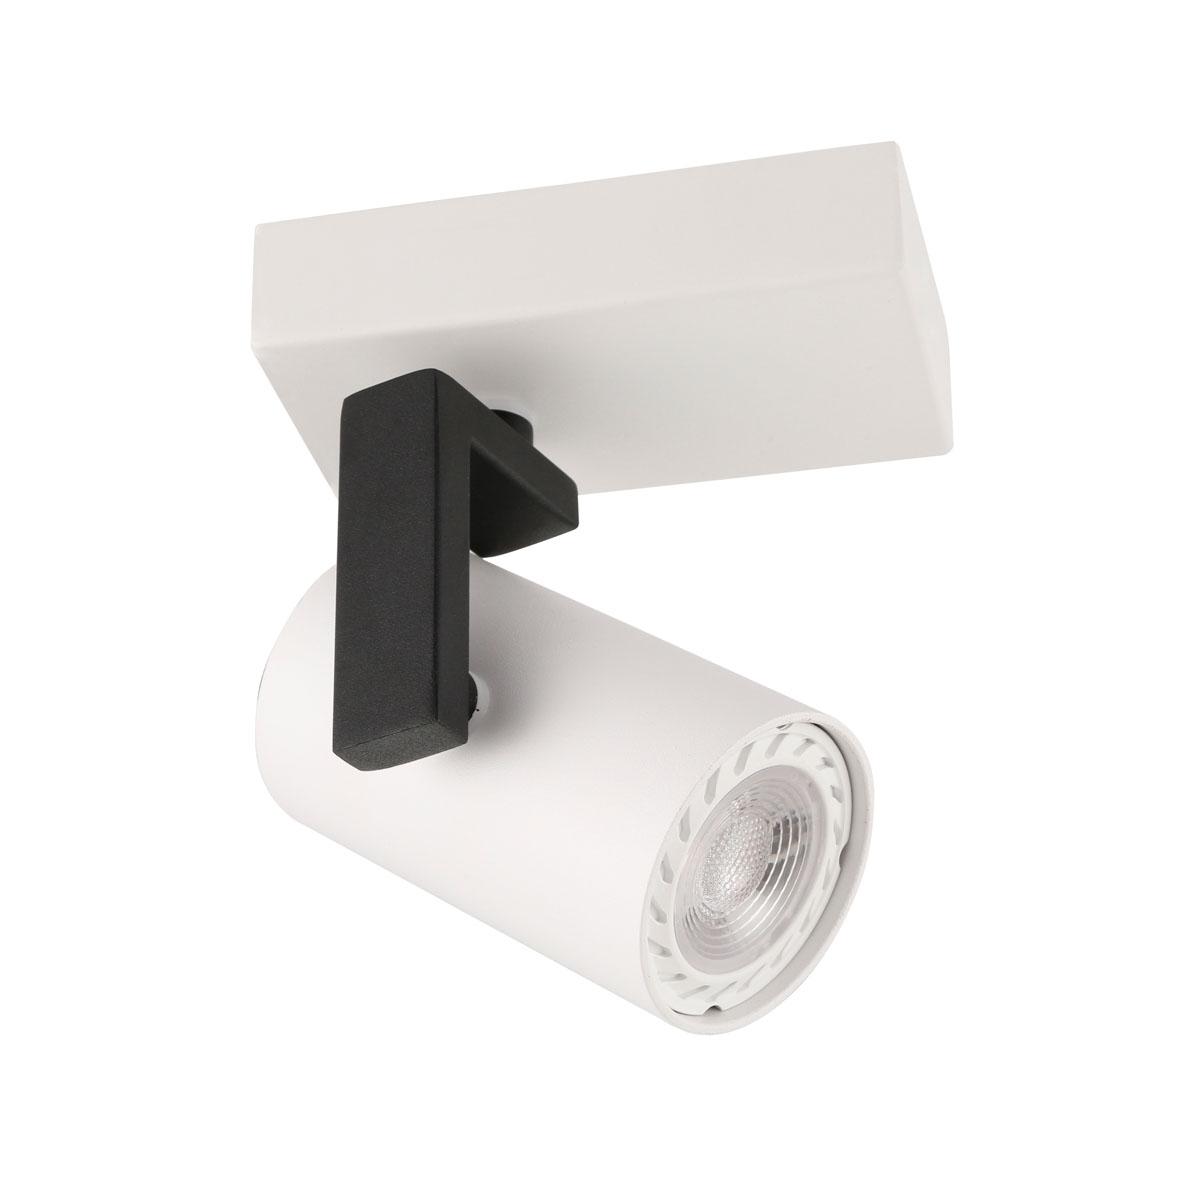 Единична спот лампа Mola, бяла